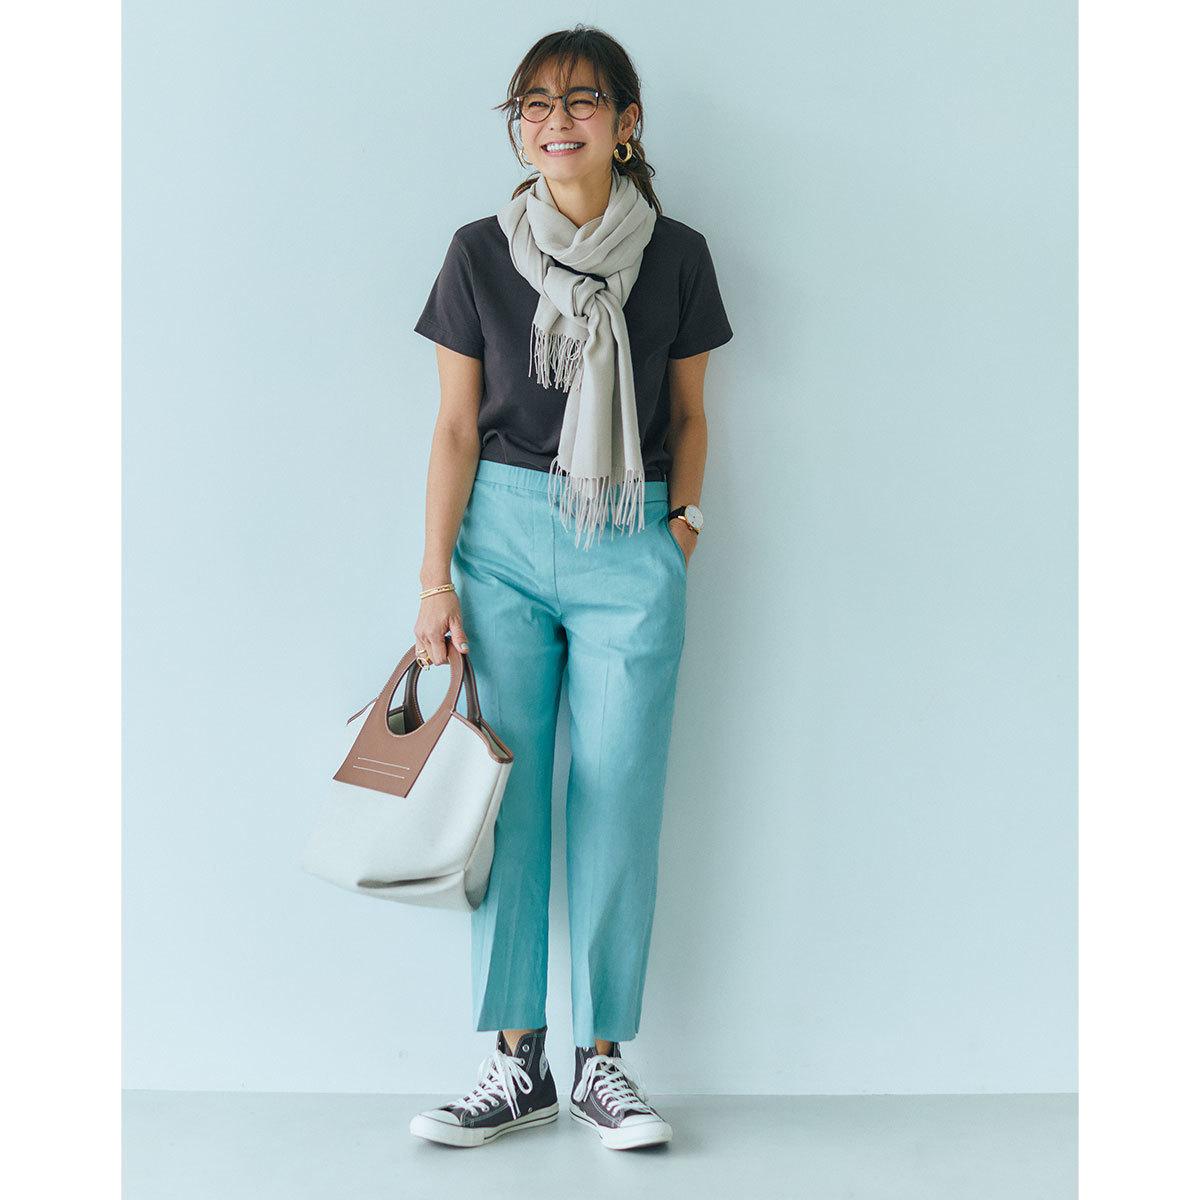 ブラウンTシャツ×ミントグリーンパンツのカジュアルファッションコーデ